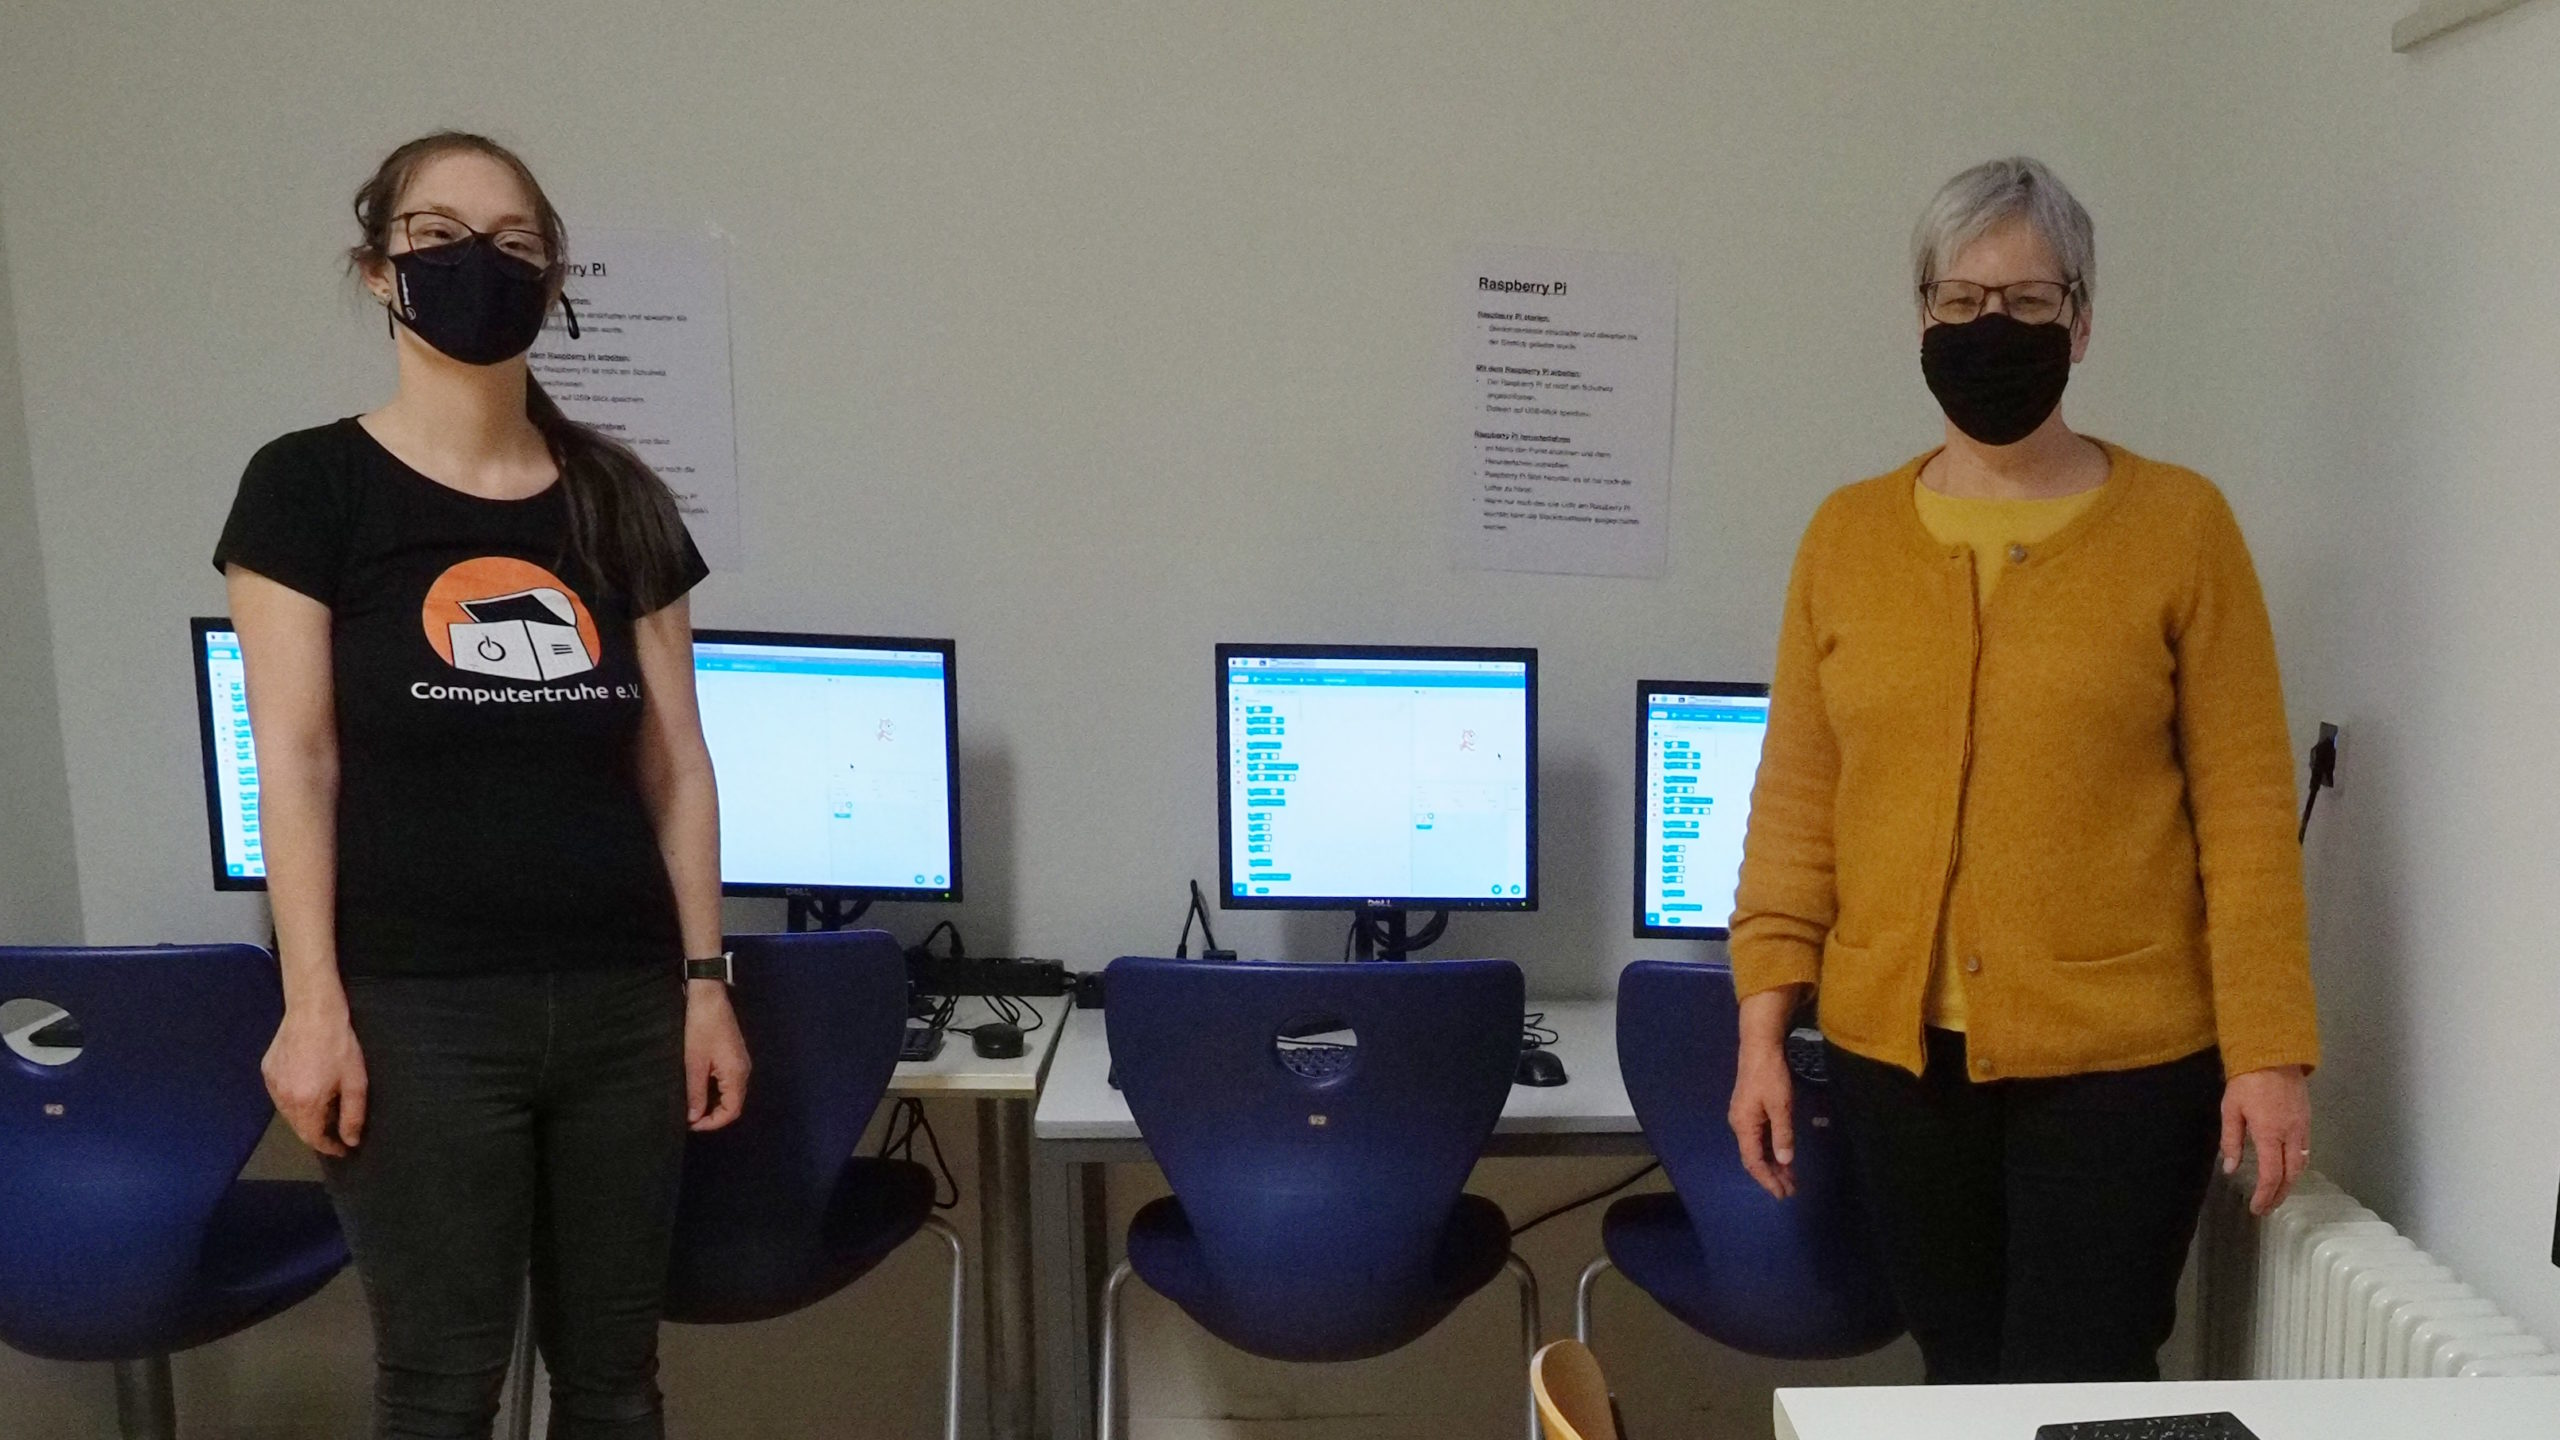 """Julia Fiedler und Heidrun Albert stehen mit Abstand und Mund-Nasen-Schutzmasken im neuen Computertraum. Hinter ihnen befinden sich auf zwei Tischen verteilt vier Computerarbeitsplätze. Auf den eingeschalteten Monitoren lassen sich """"Scratch""""-Programme erahnen."""